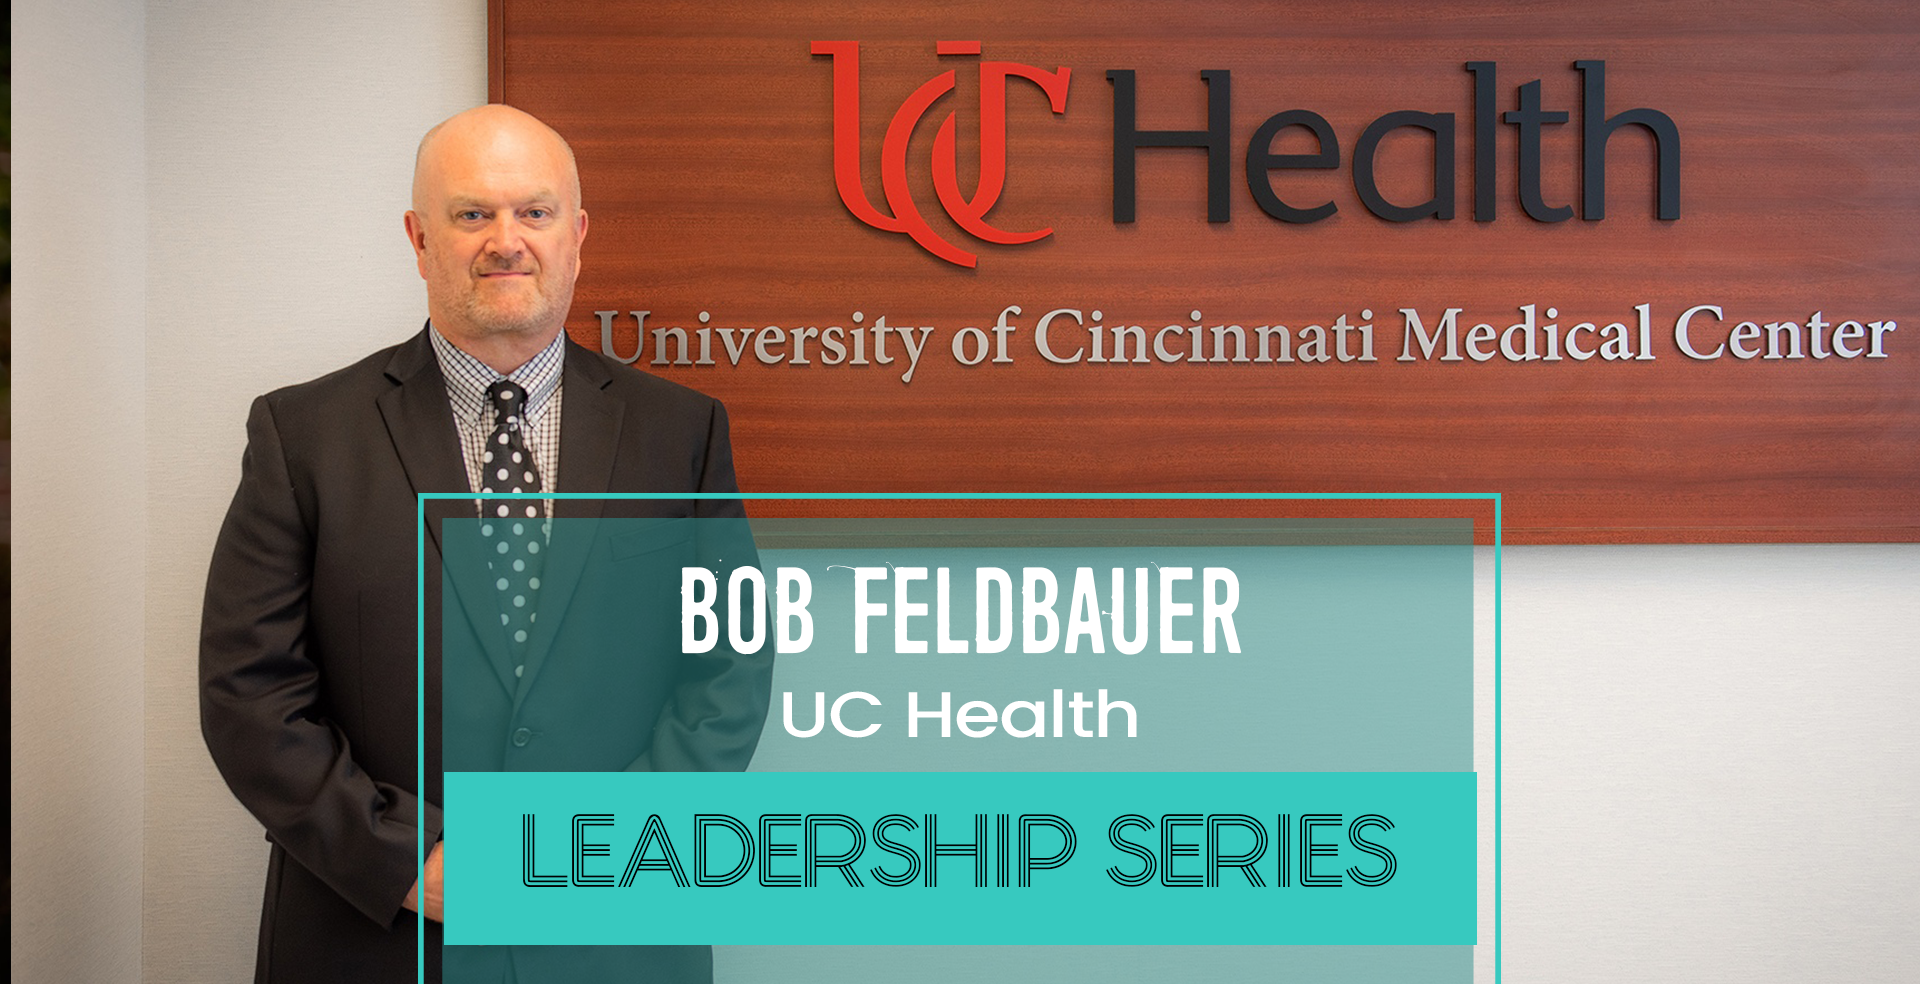 Bob-Feldbauer-HealthSpaces-1